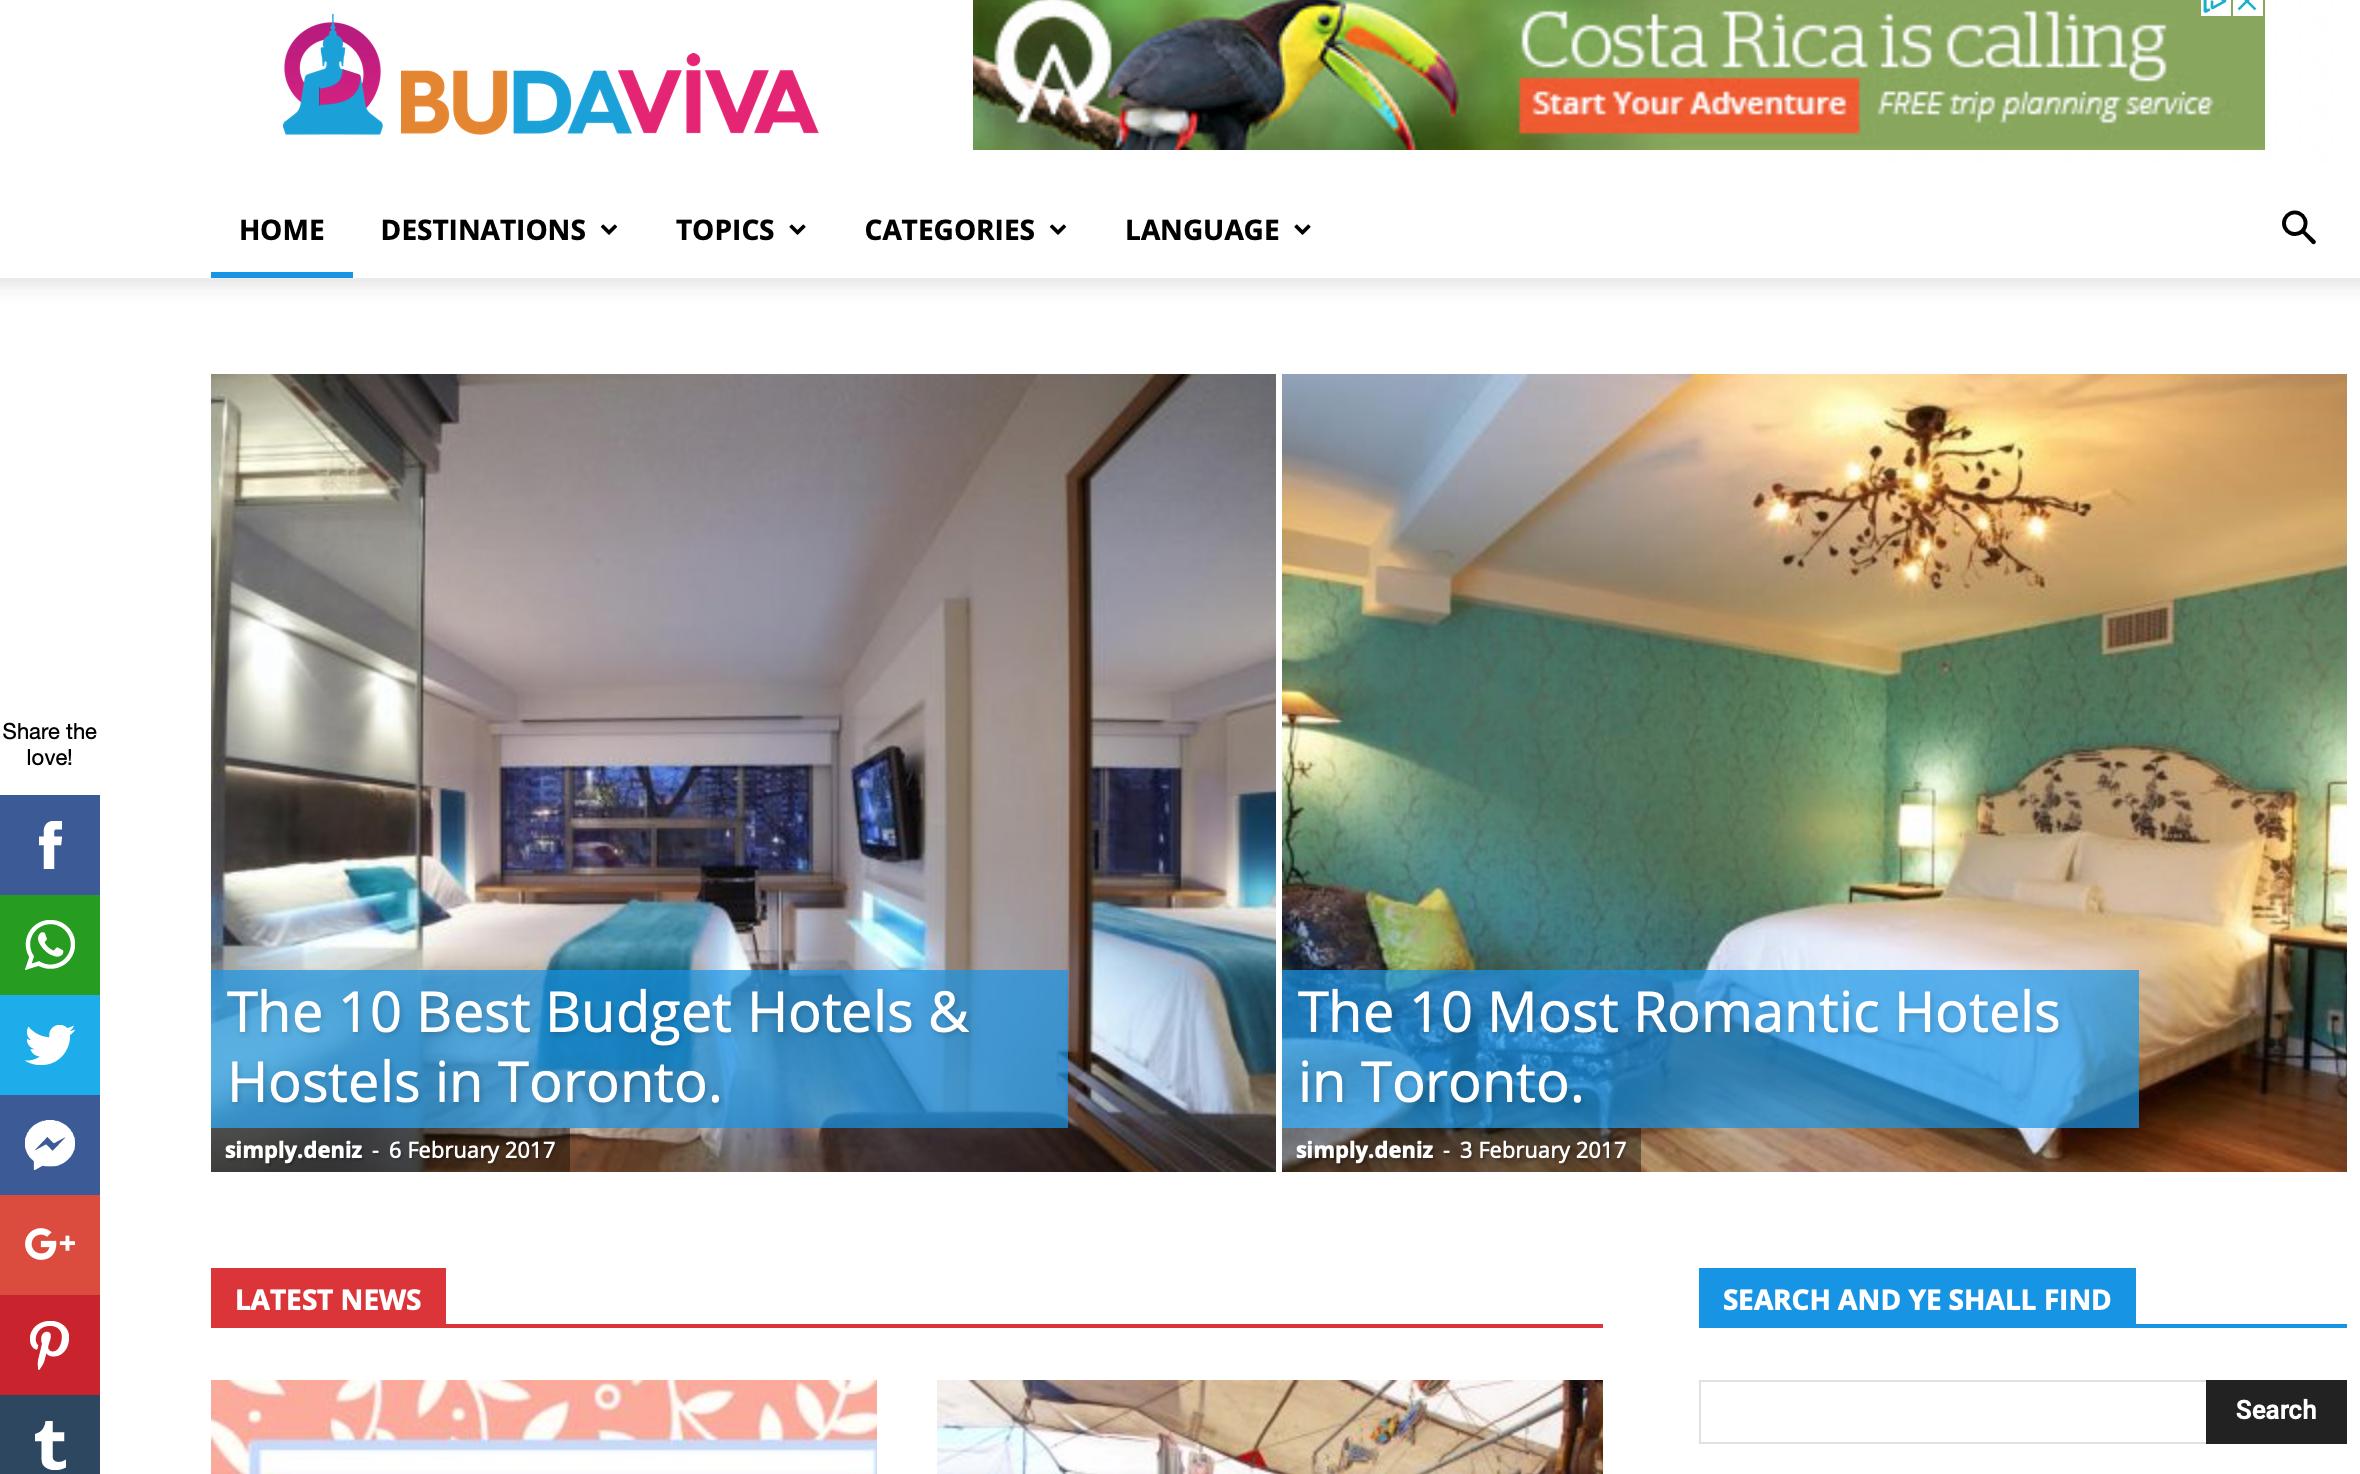 budavivacom-toronto-screenshot-homepage-portfolio-button